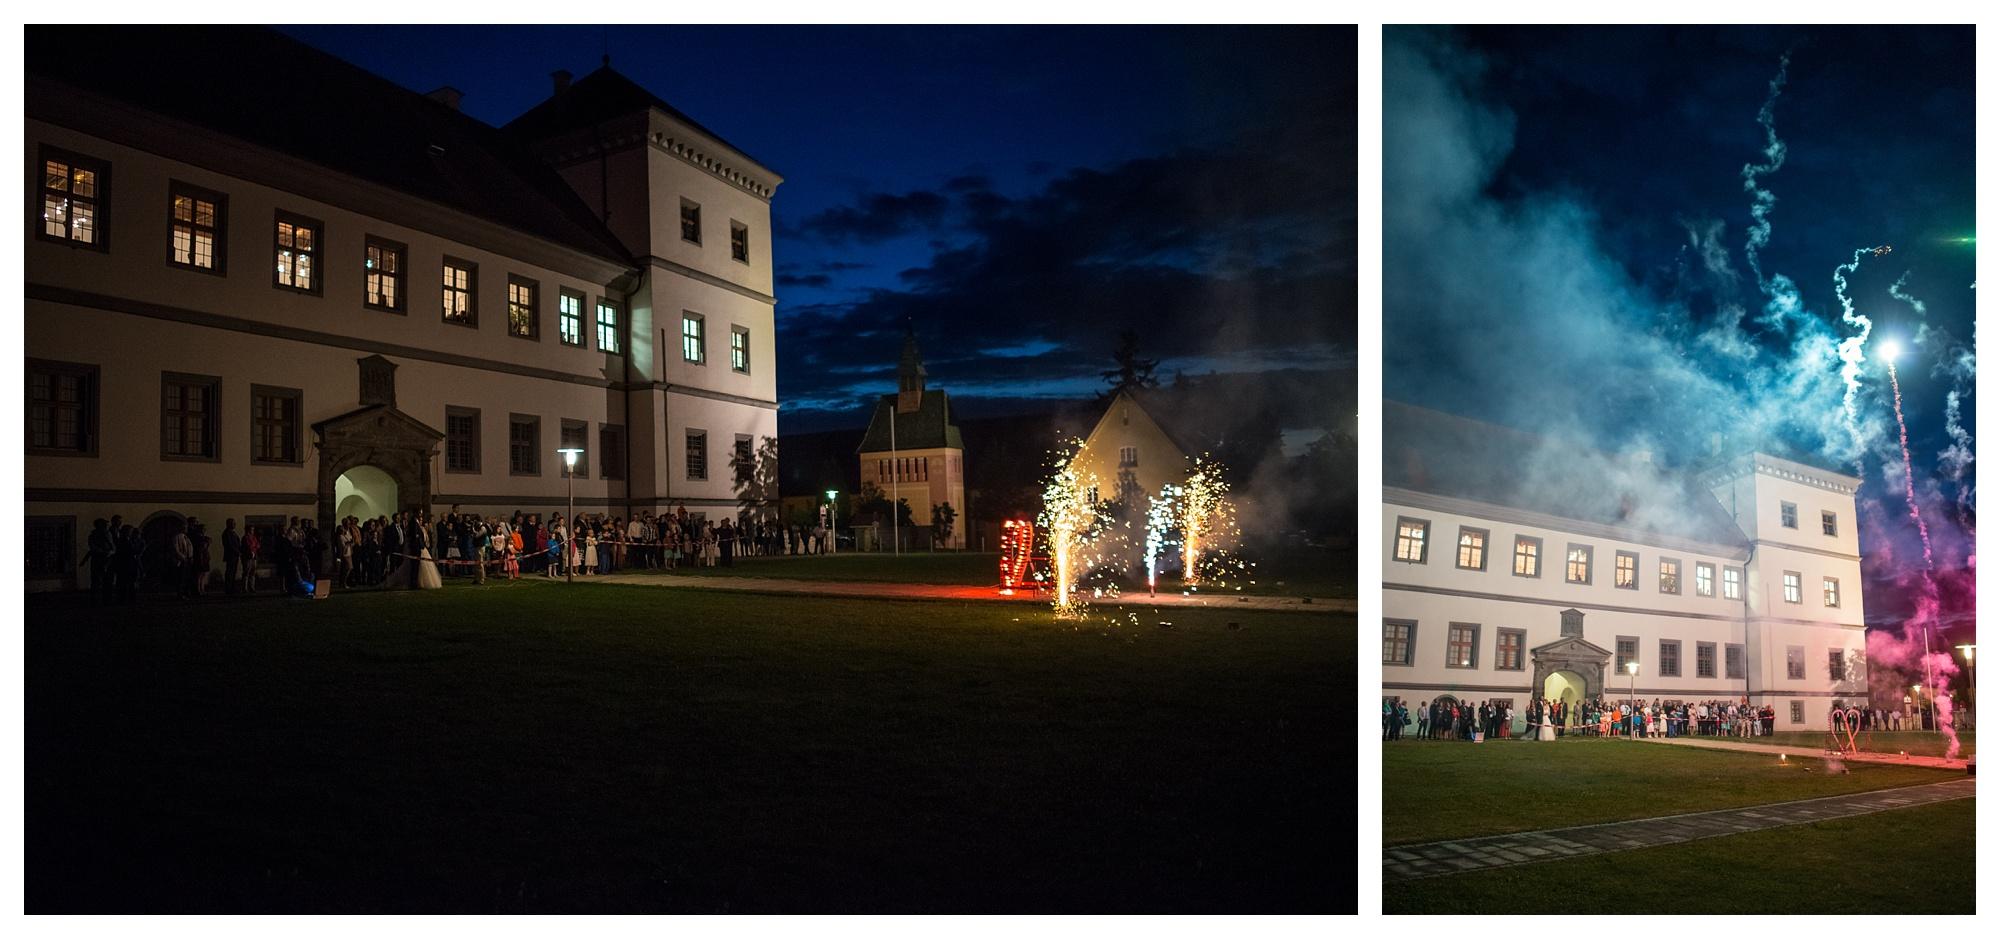 Fotograf Konstanz - Hochzeit Tanja Elmar Elmar Feuerbacher Photography Konstanz Messkirch Highlights 101 - Hochzeitsreportage von Tanja und Elmar im Schloss Meßkirch  - 200 -